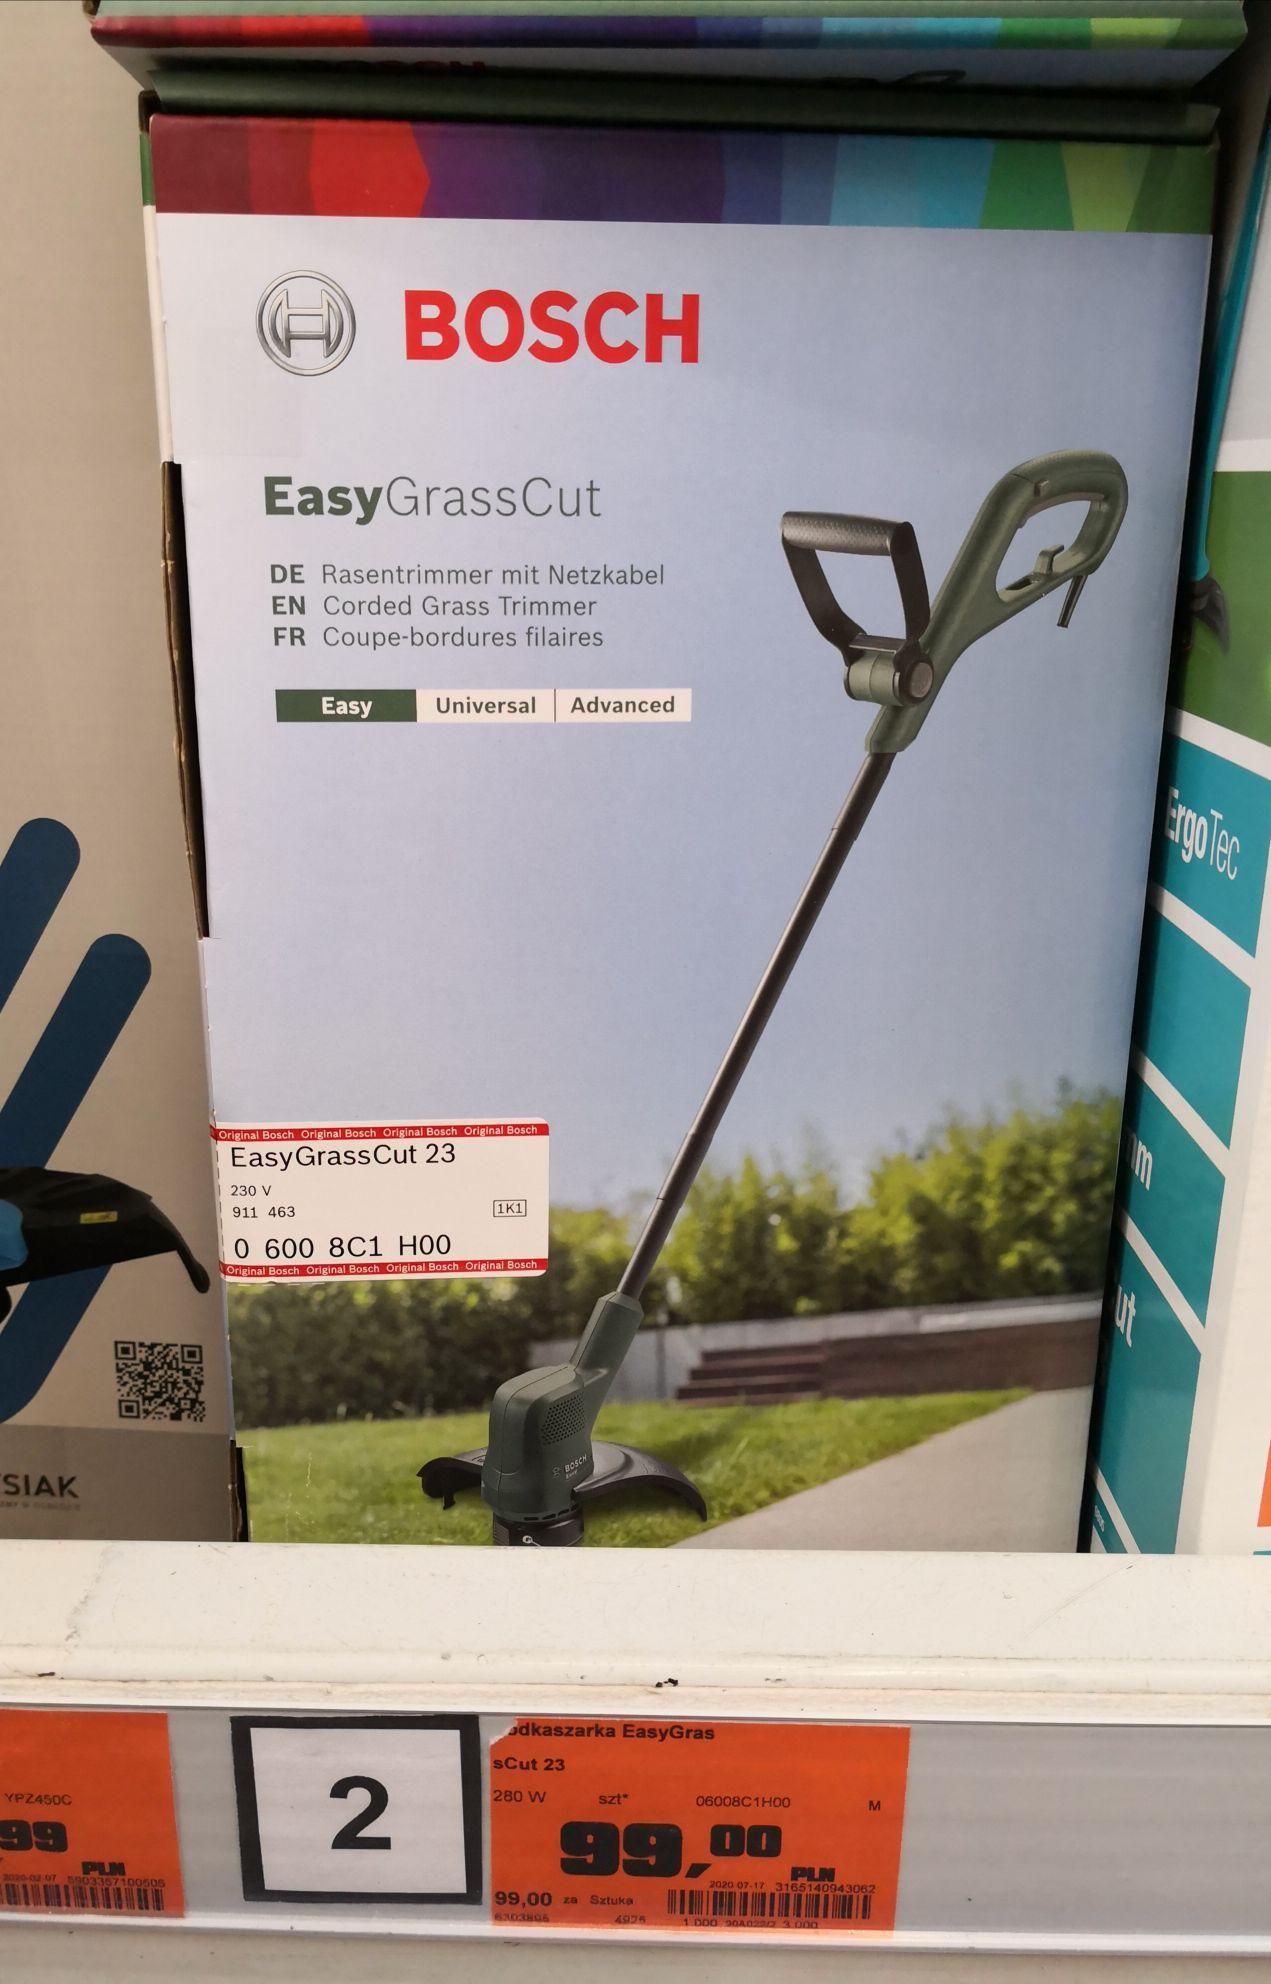 Podkaszarka BOSCH EasyGrassCut 23 OBI - wybrane markety